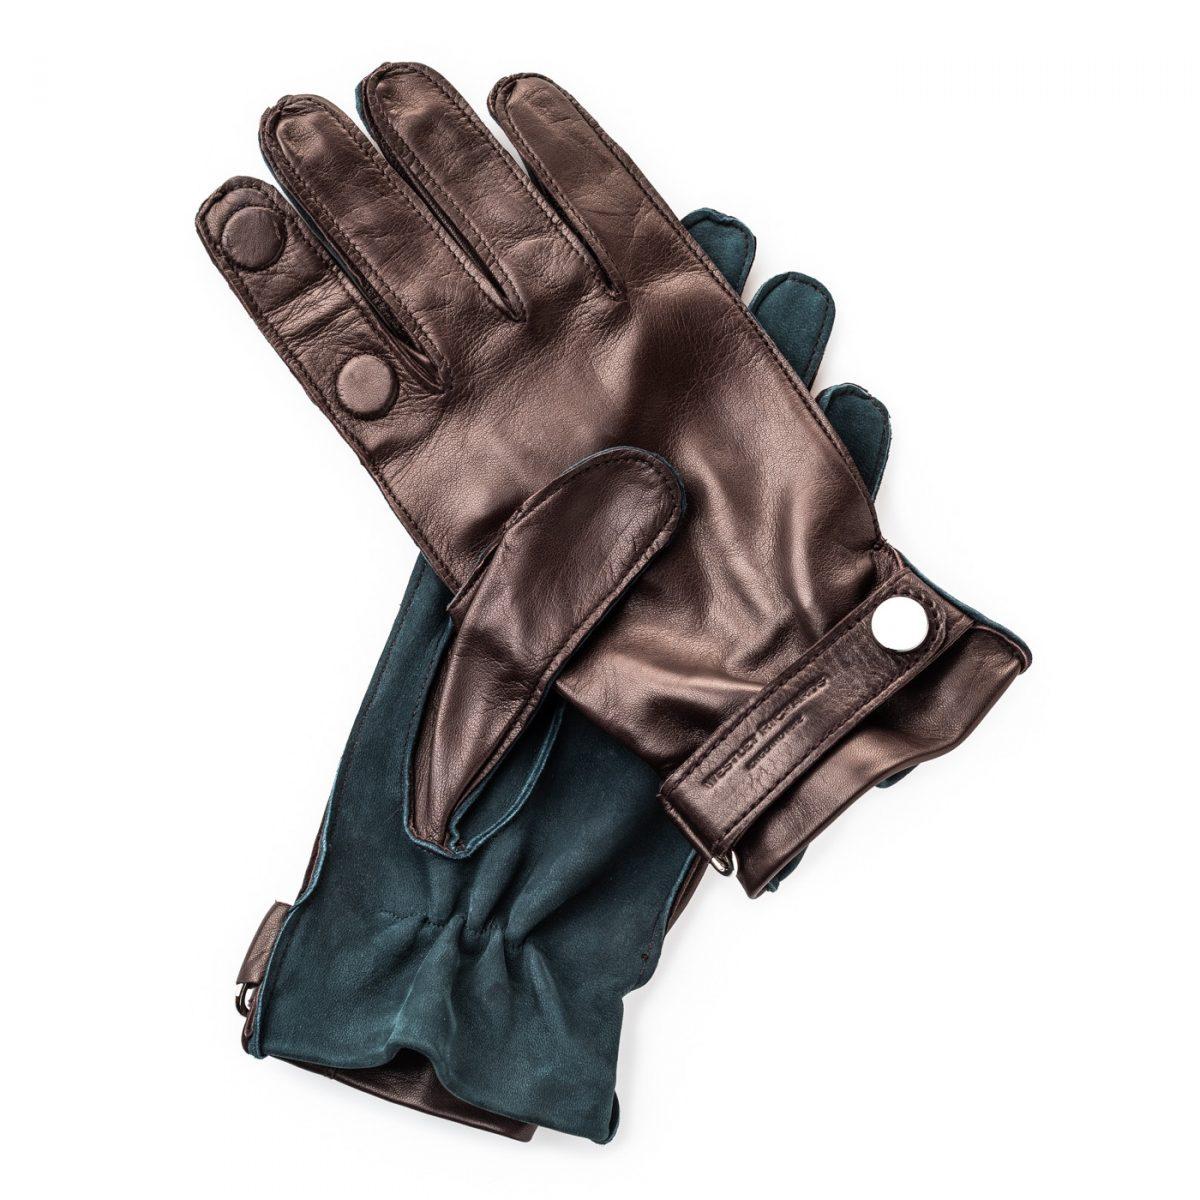 wr_co_gloves-5528-edit